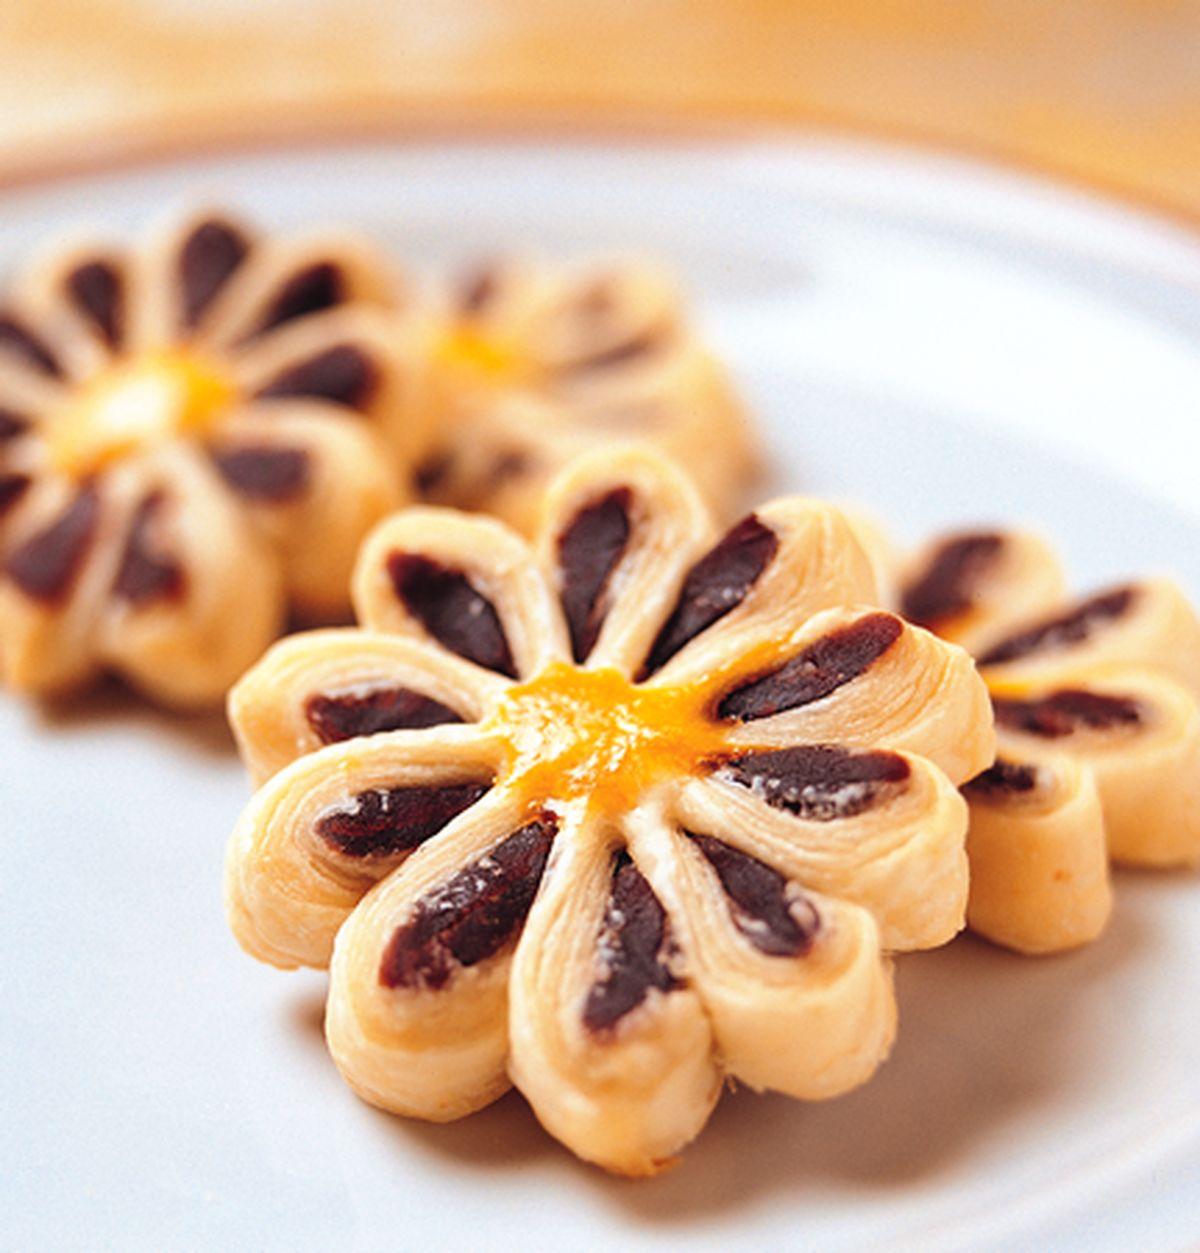 【食譜】菊花酥餅(1):www.ytower.com.tw